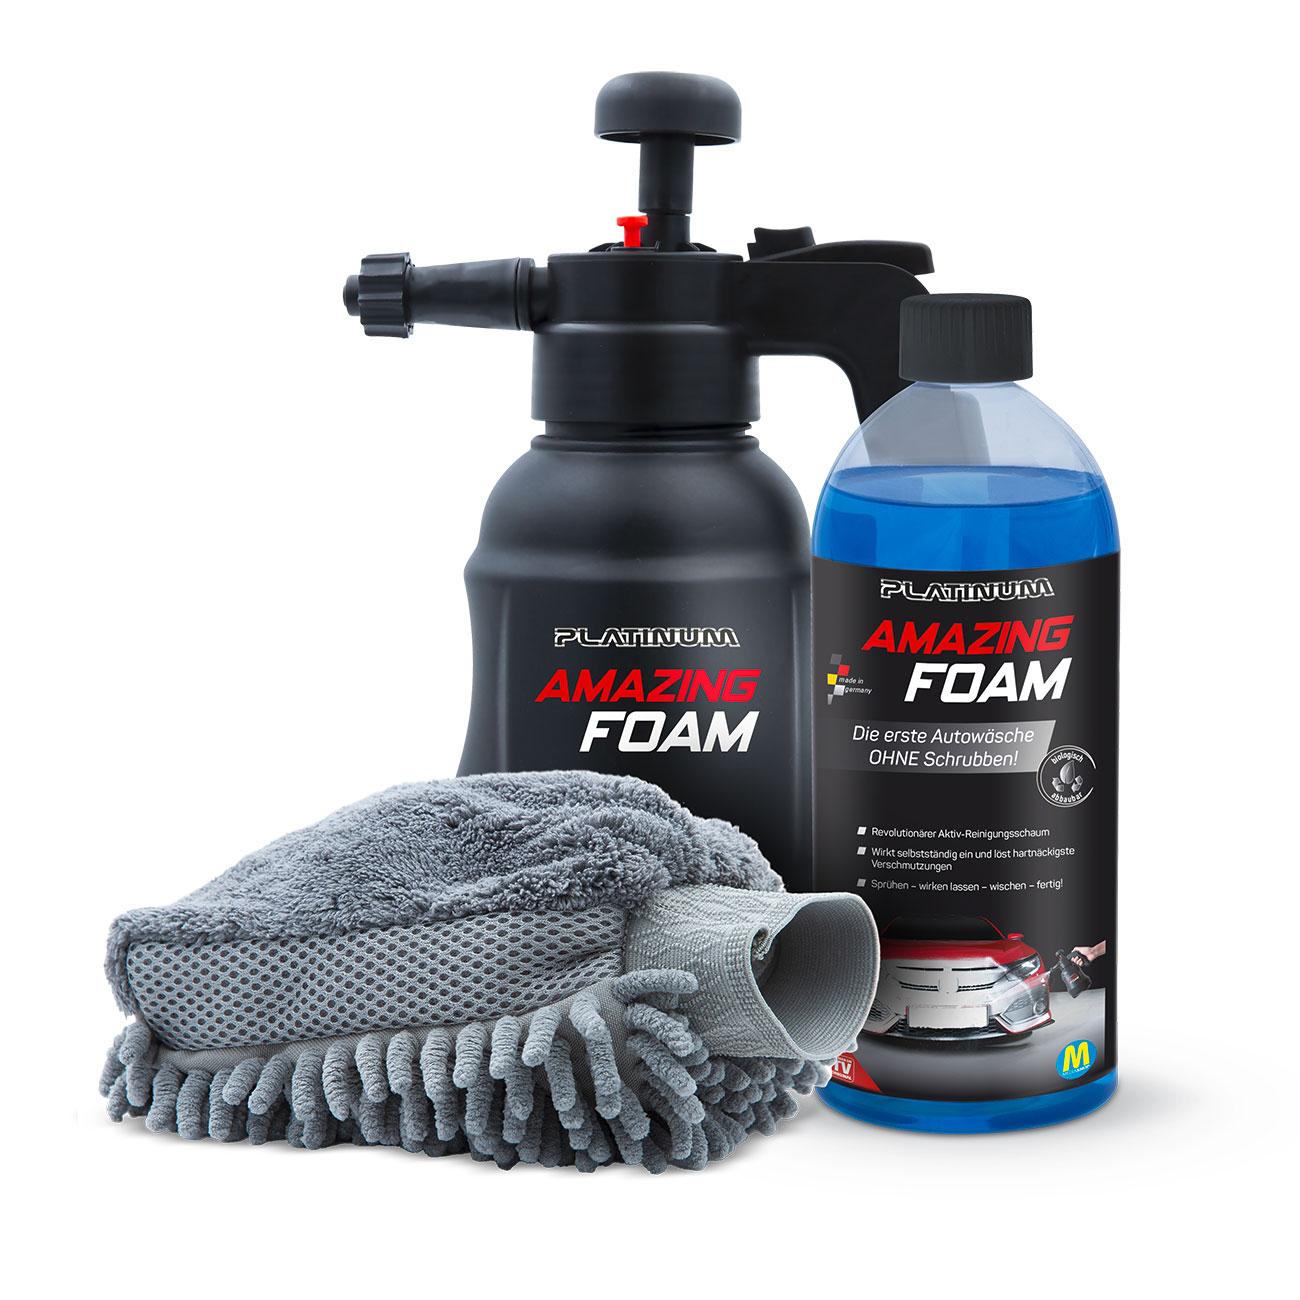 Platinum Amazing Foam mit Fertiglösung, Sprühflasche und Reinigungshandschuh.